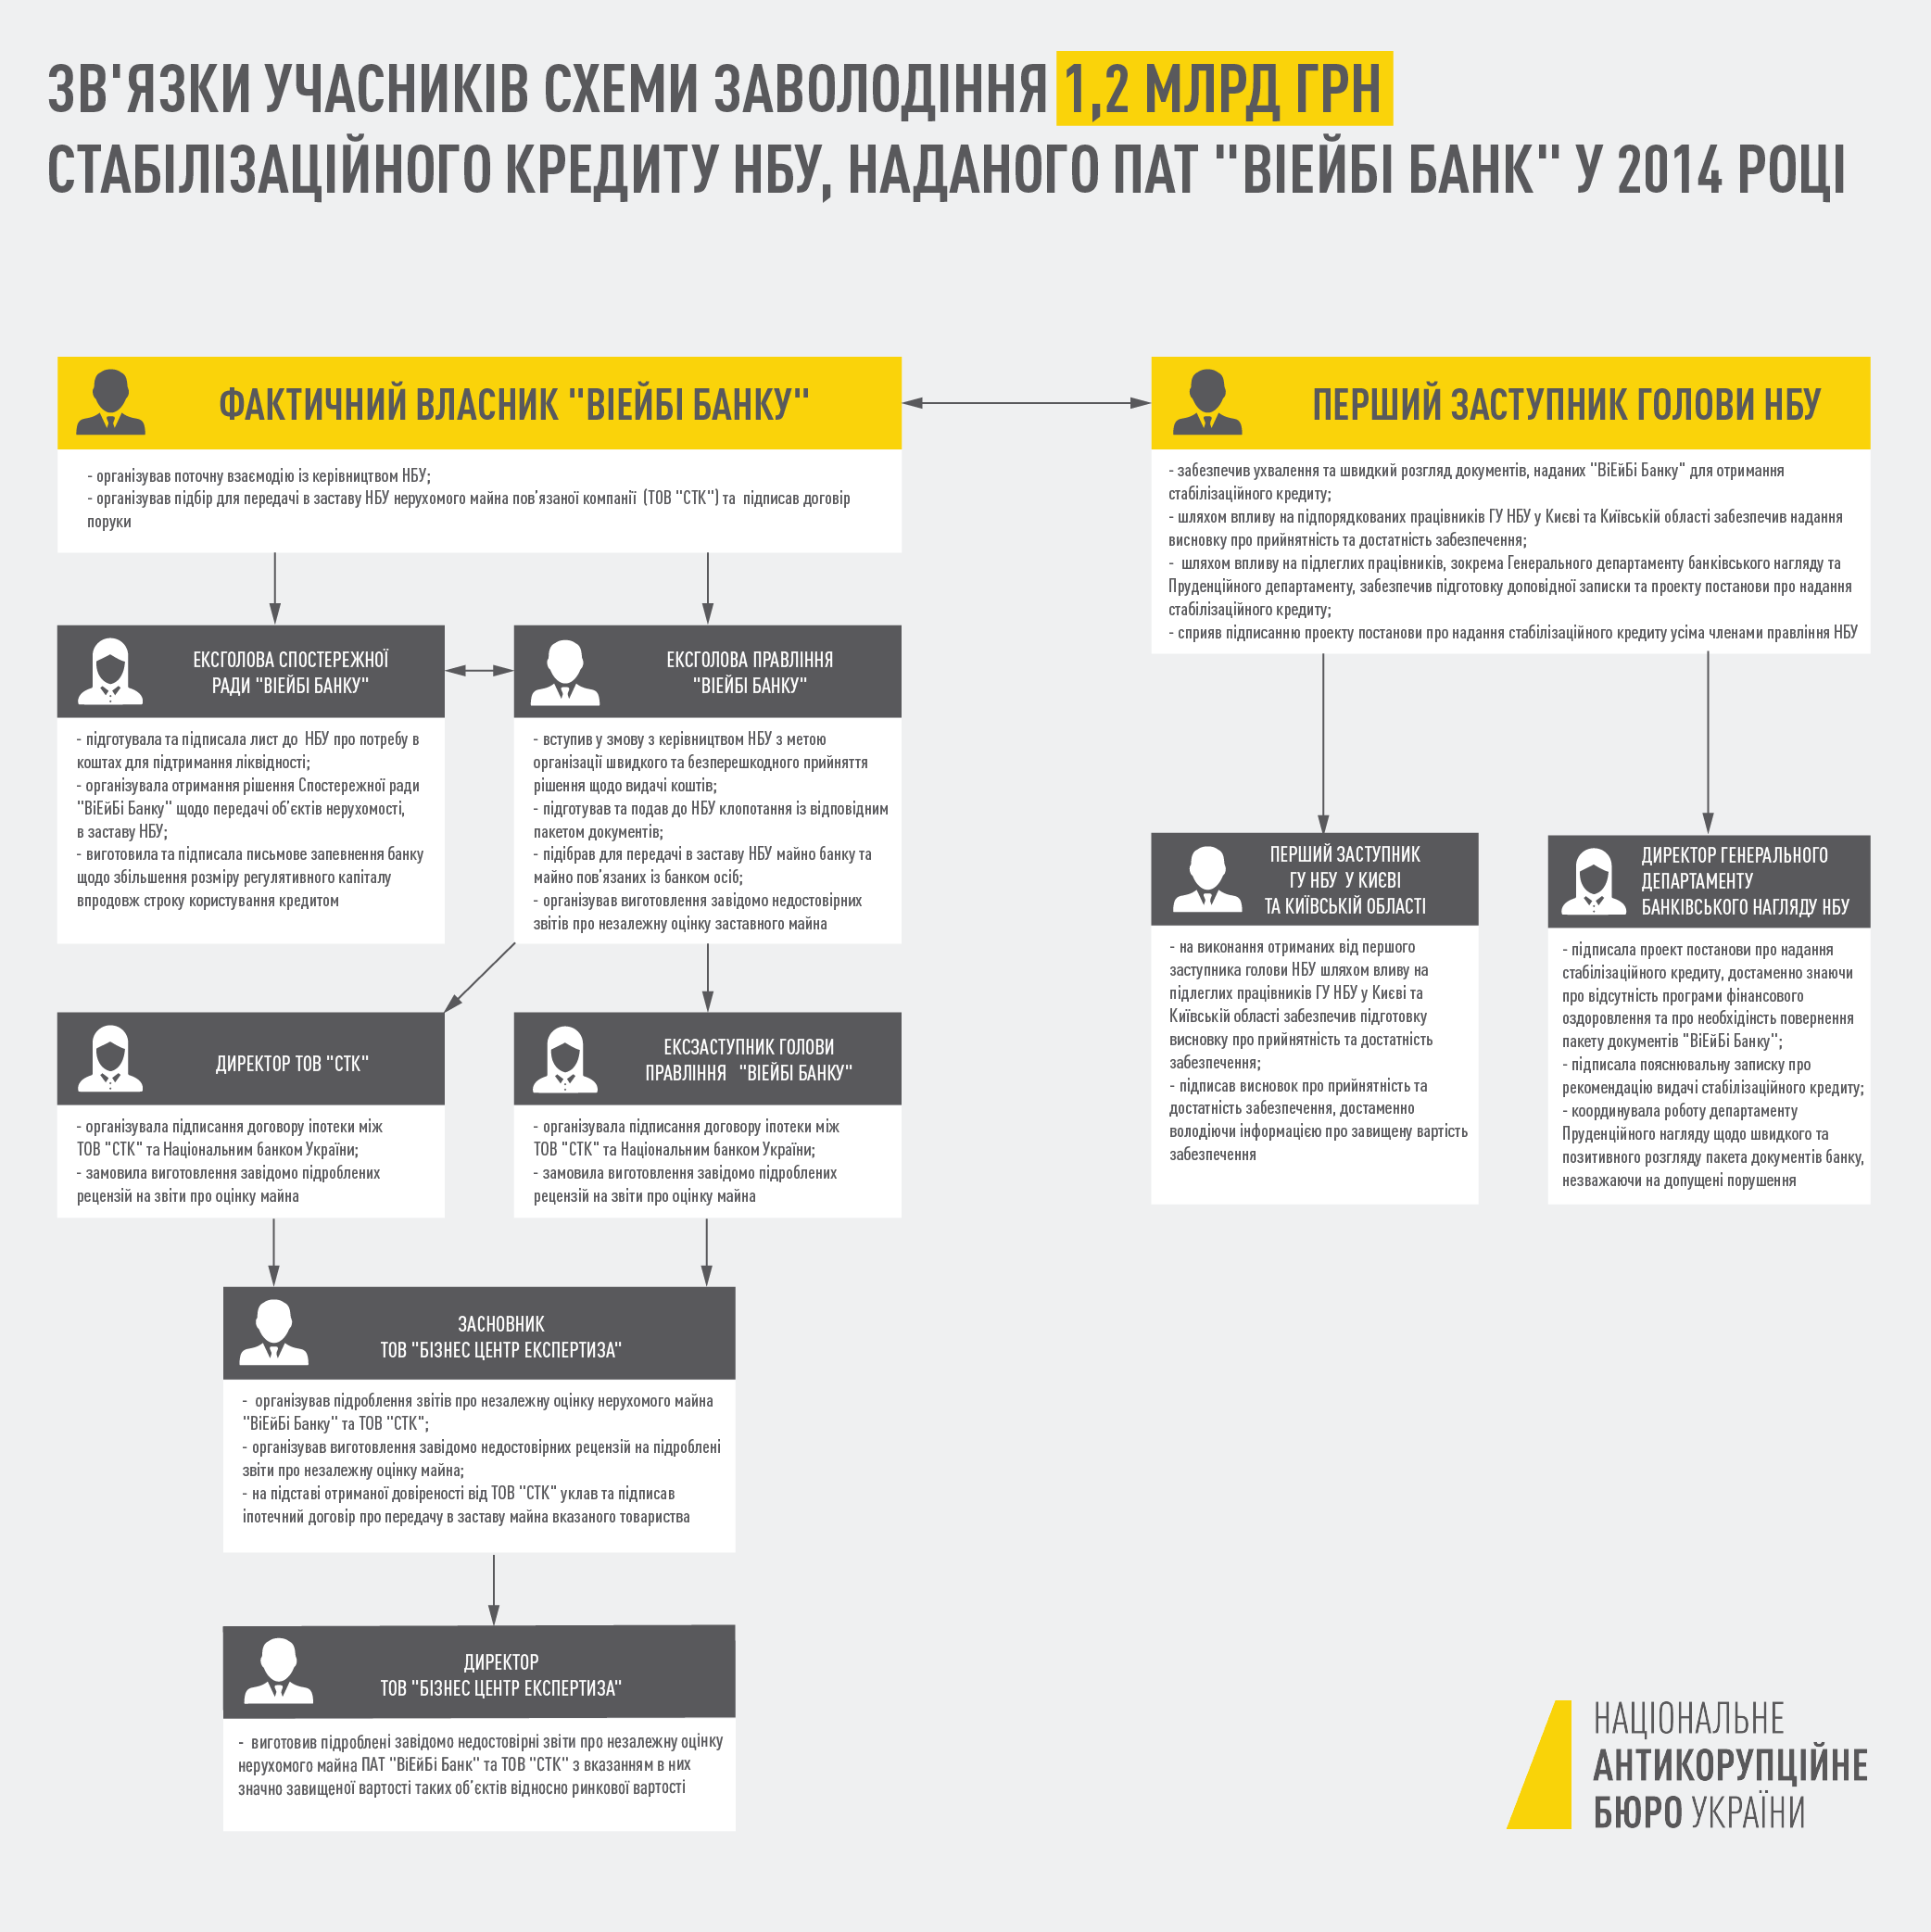 інфографіка НАБУ у справі VAB банку